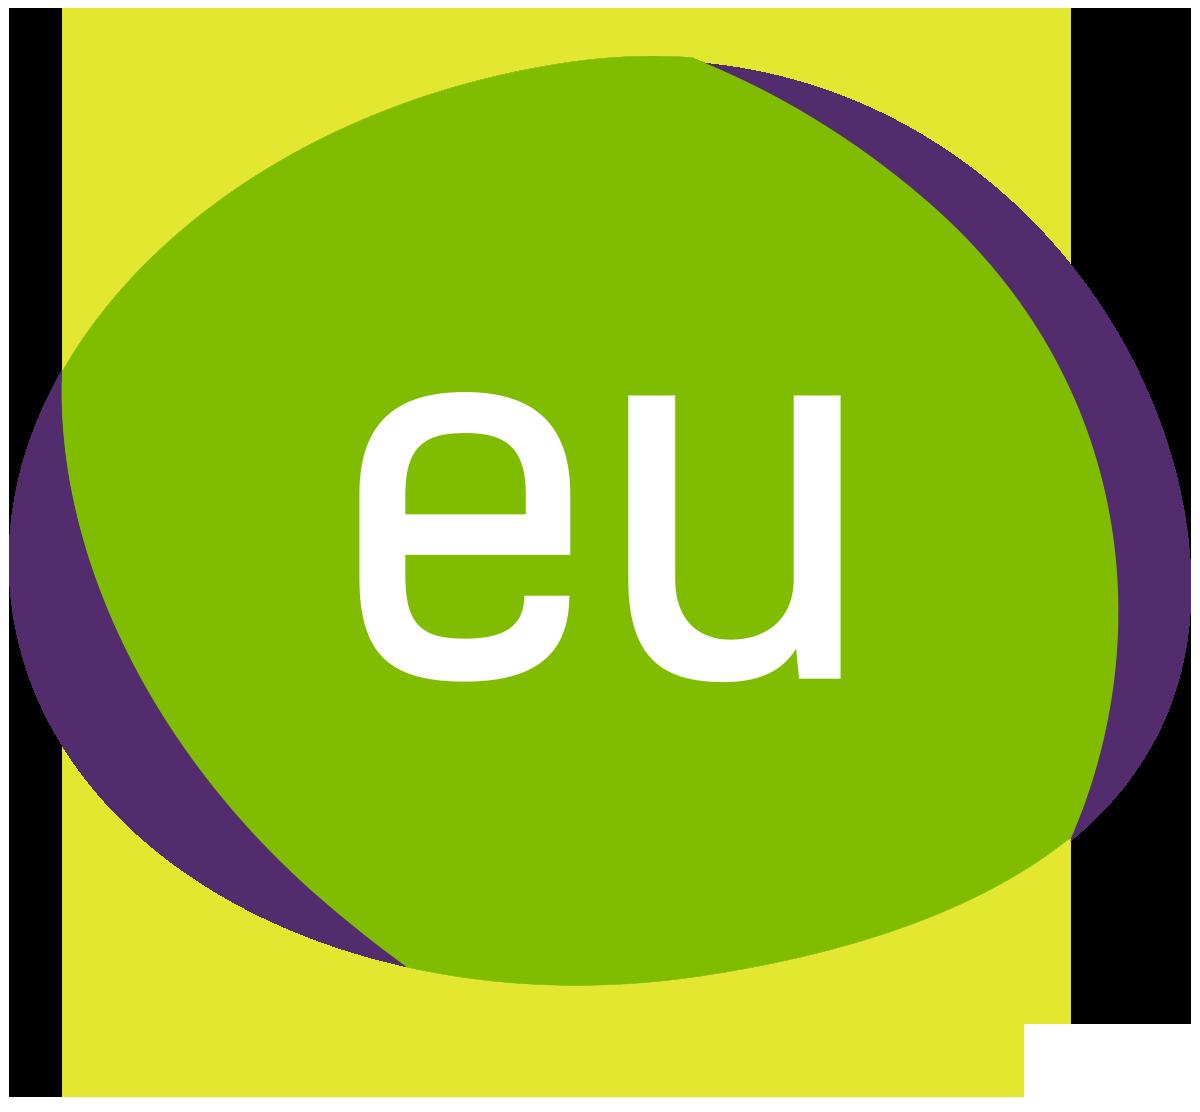 EU_symbol_clr_solid (1).png